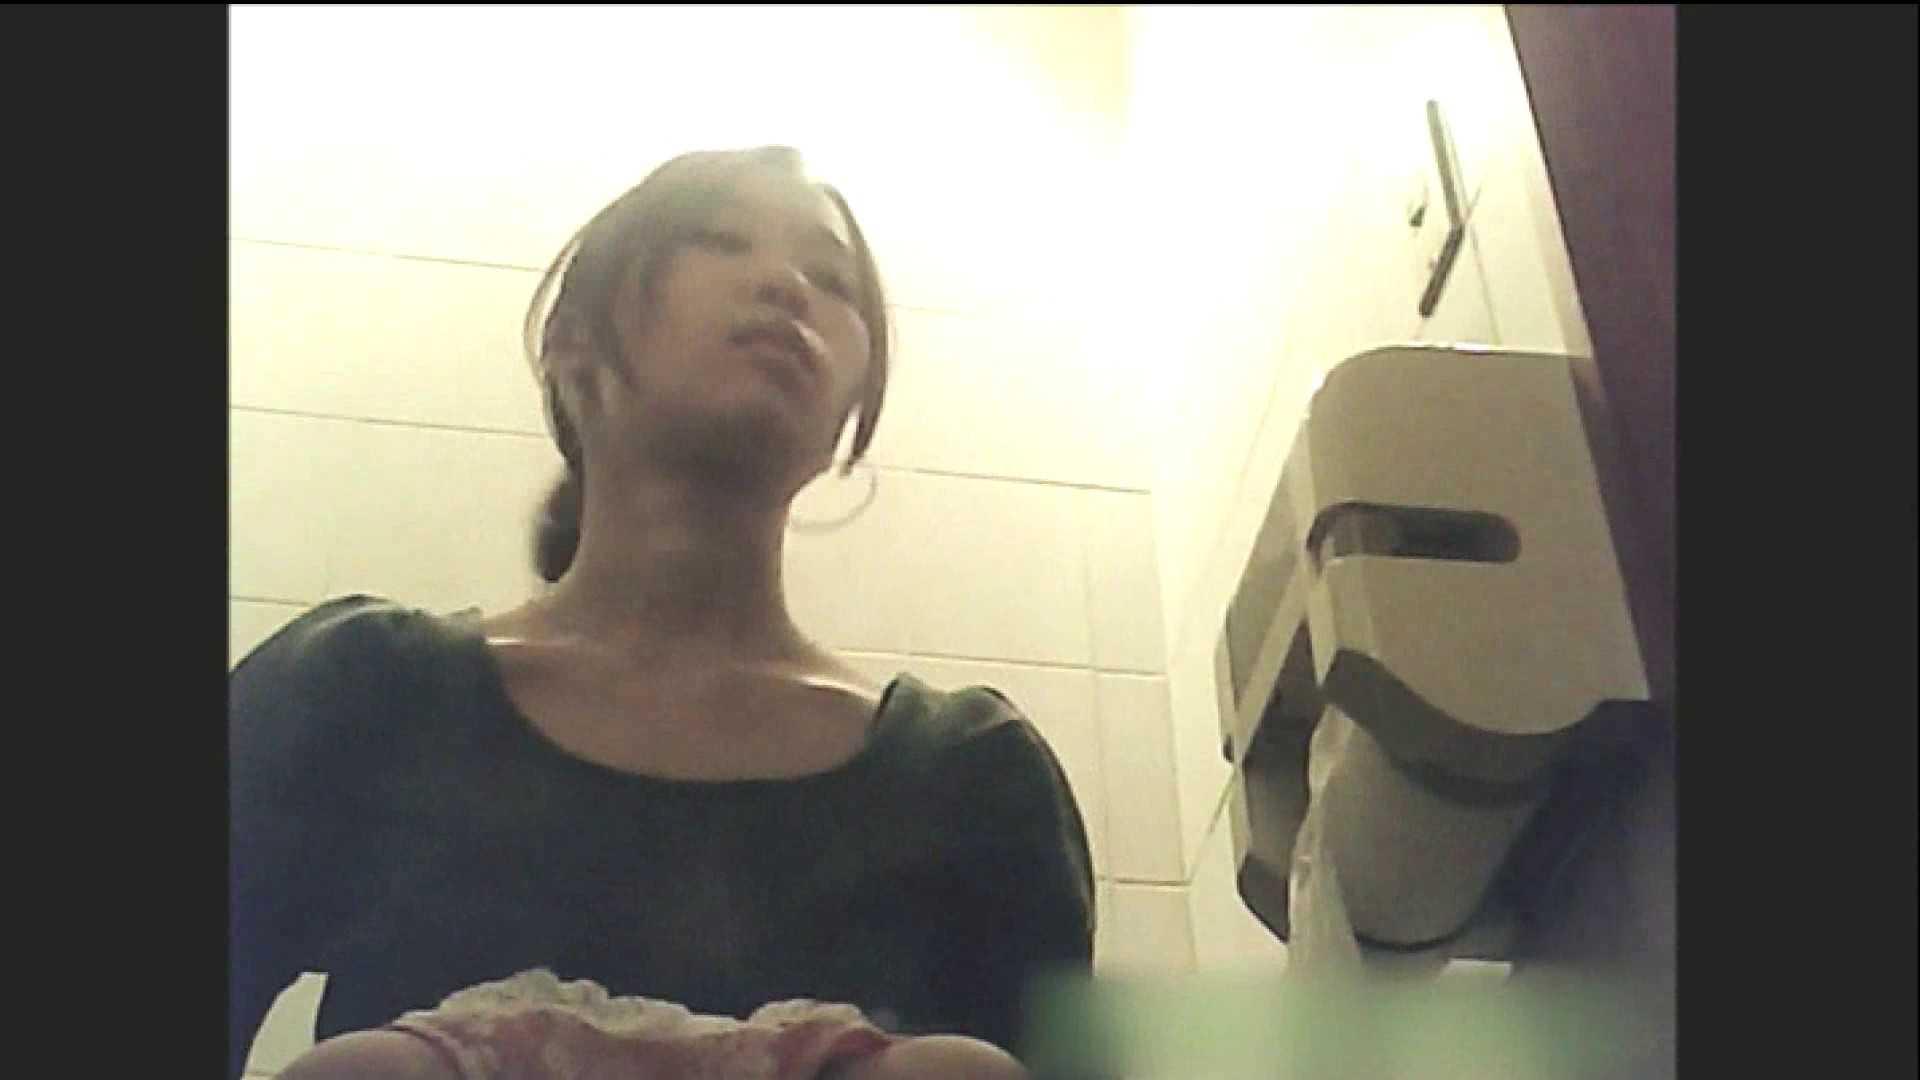 実録!!綺麗なお姉さんのトイレ事情・・・。vol.7 お姉さんのエッチ  68PIX 3